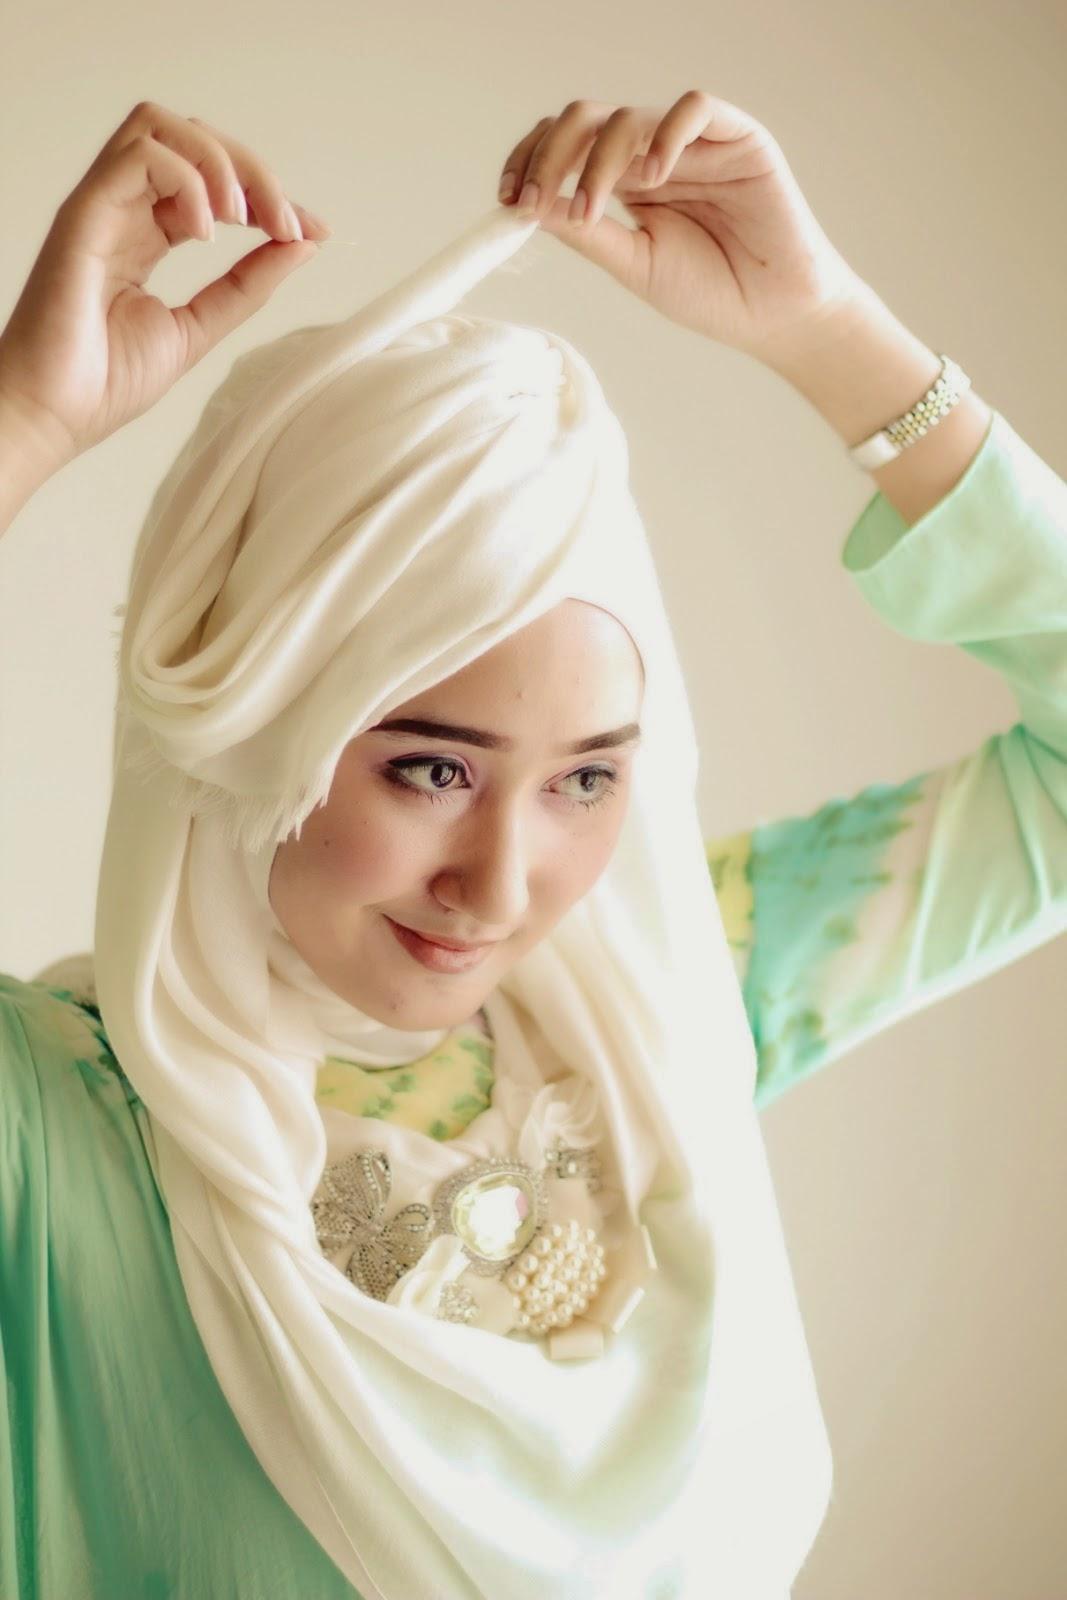 CINTA DALAM KARDUS Tutorial Hijab Pashmina Dian Pelangi Part 2